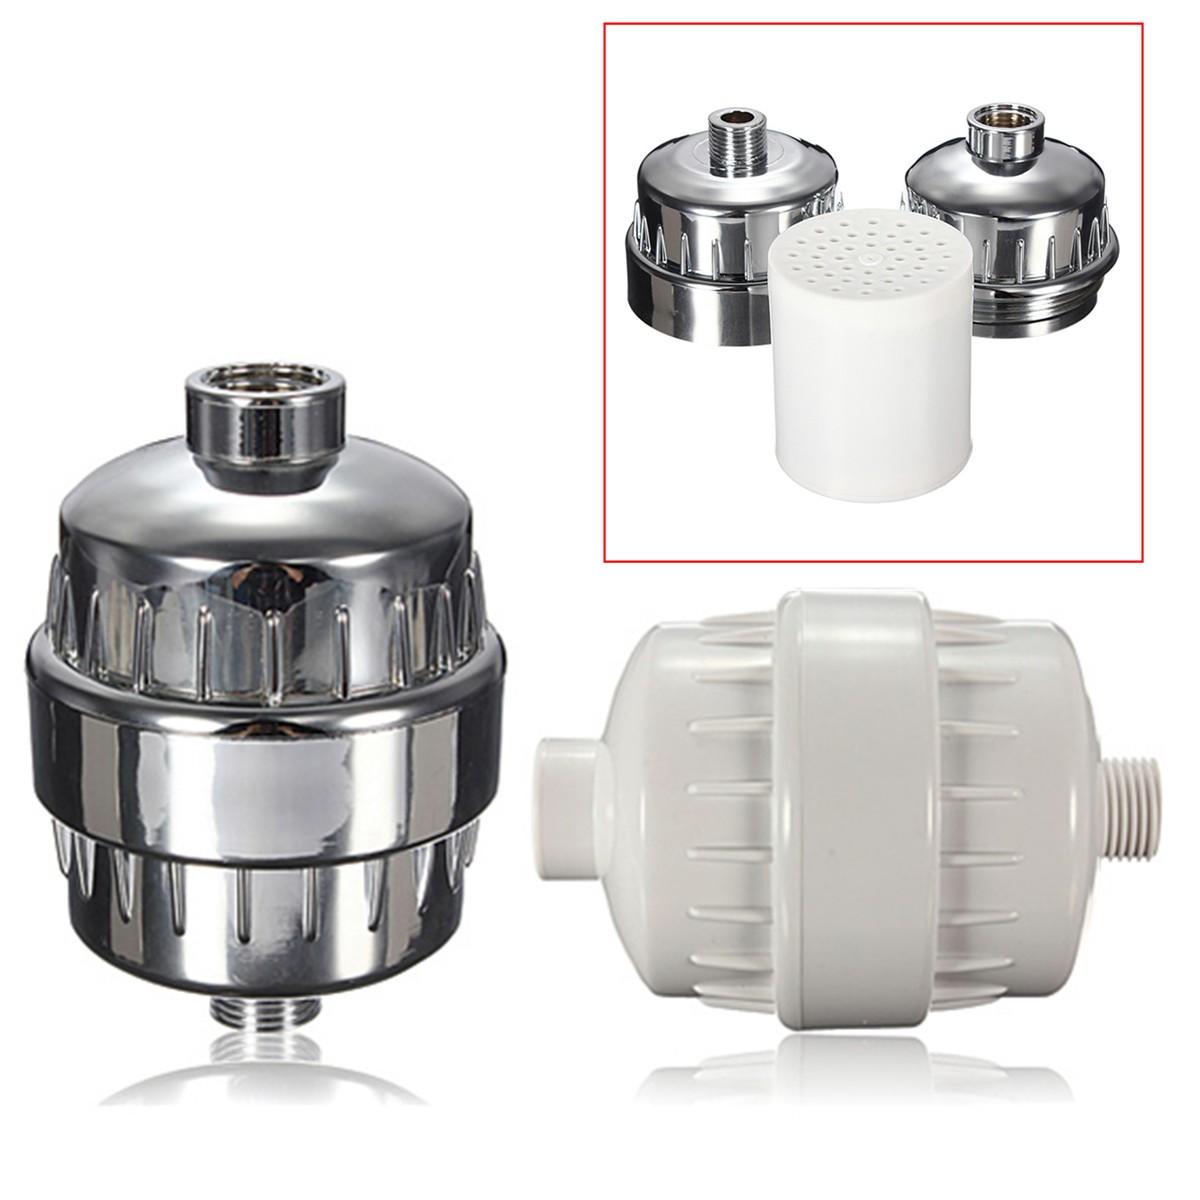 safe in line shower filter softener chlorine removal water purifier 4 c 60 c chrome. Black Bedroom Furniture Sets. Home Design Ideas